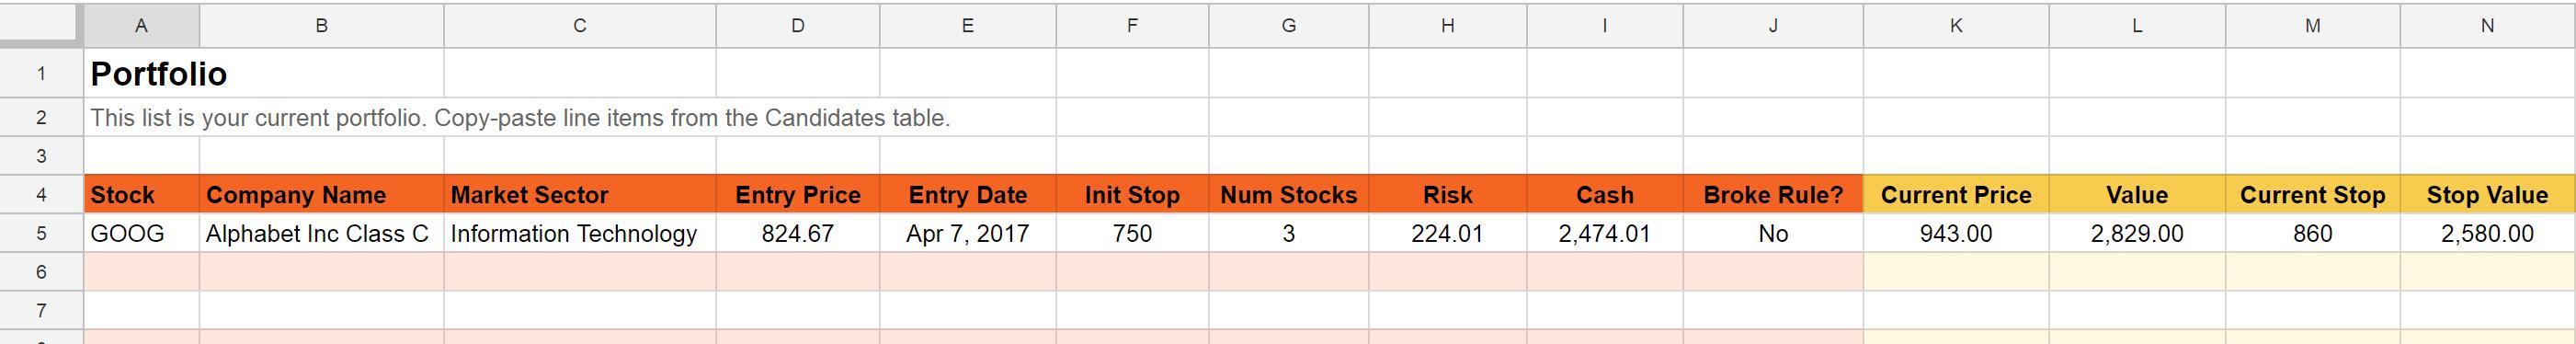 portfolio table